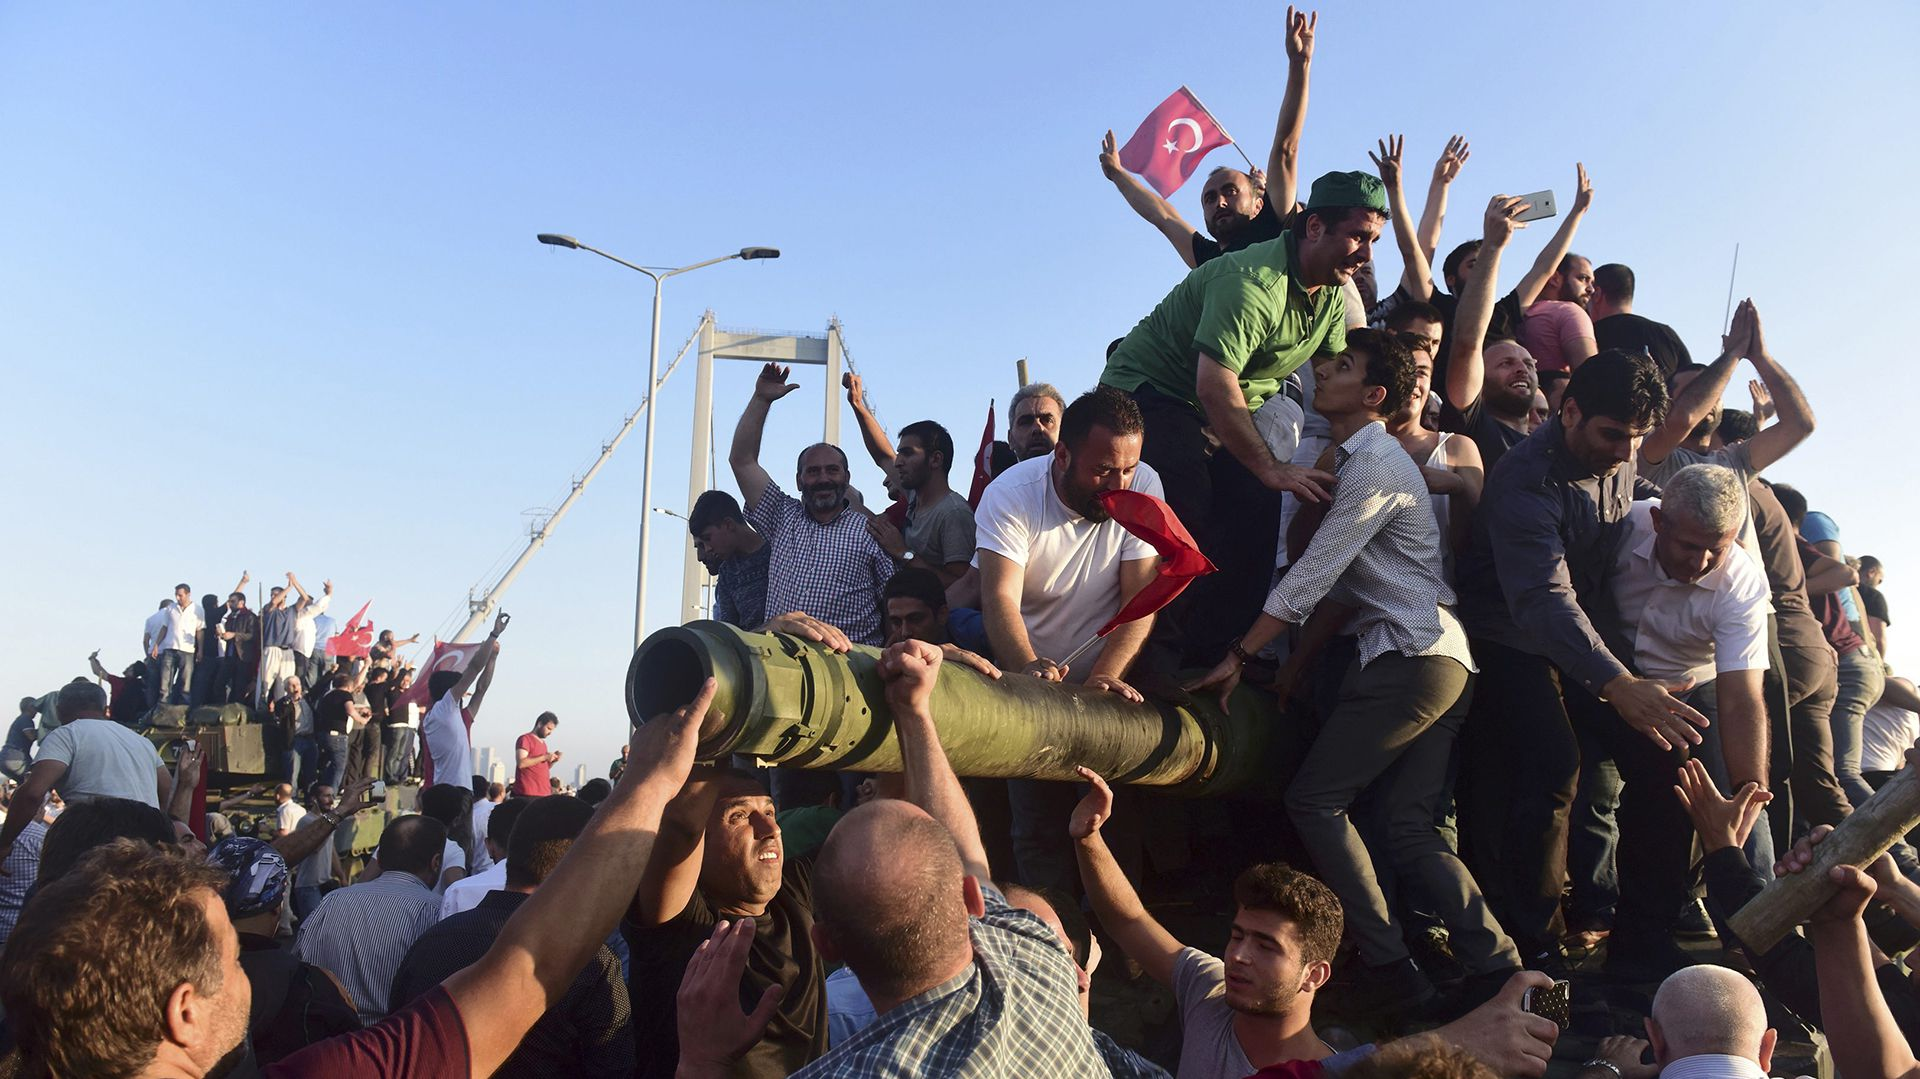 Simpatizantes de Erdogan sobre un tanque durante el fallido intento de golpe en su contra de 2016 (Reuters)